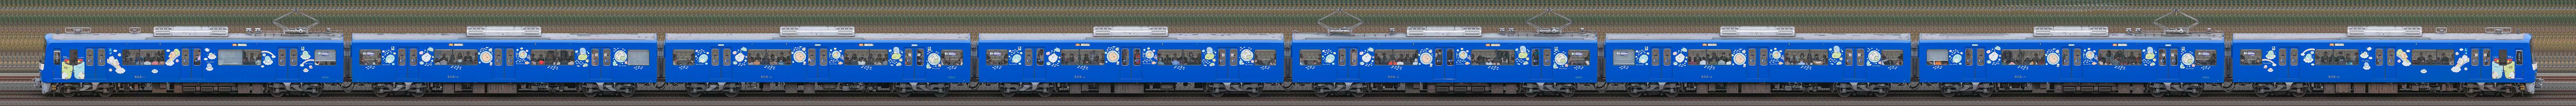 京急電鉄 600形(3次車)606編成「京急ブルースカイトレイン 空と海すいすい号」(海側)の編成サイドビュー